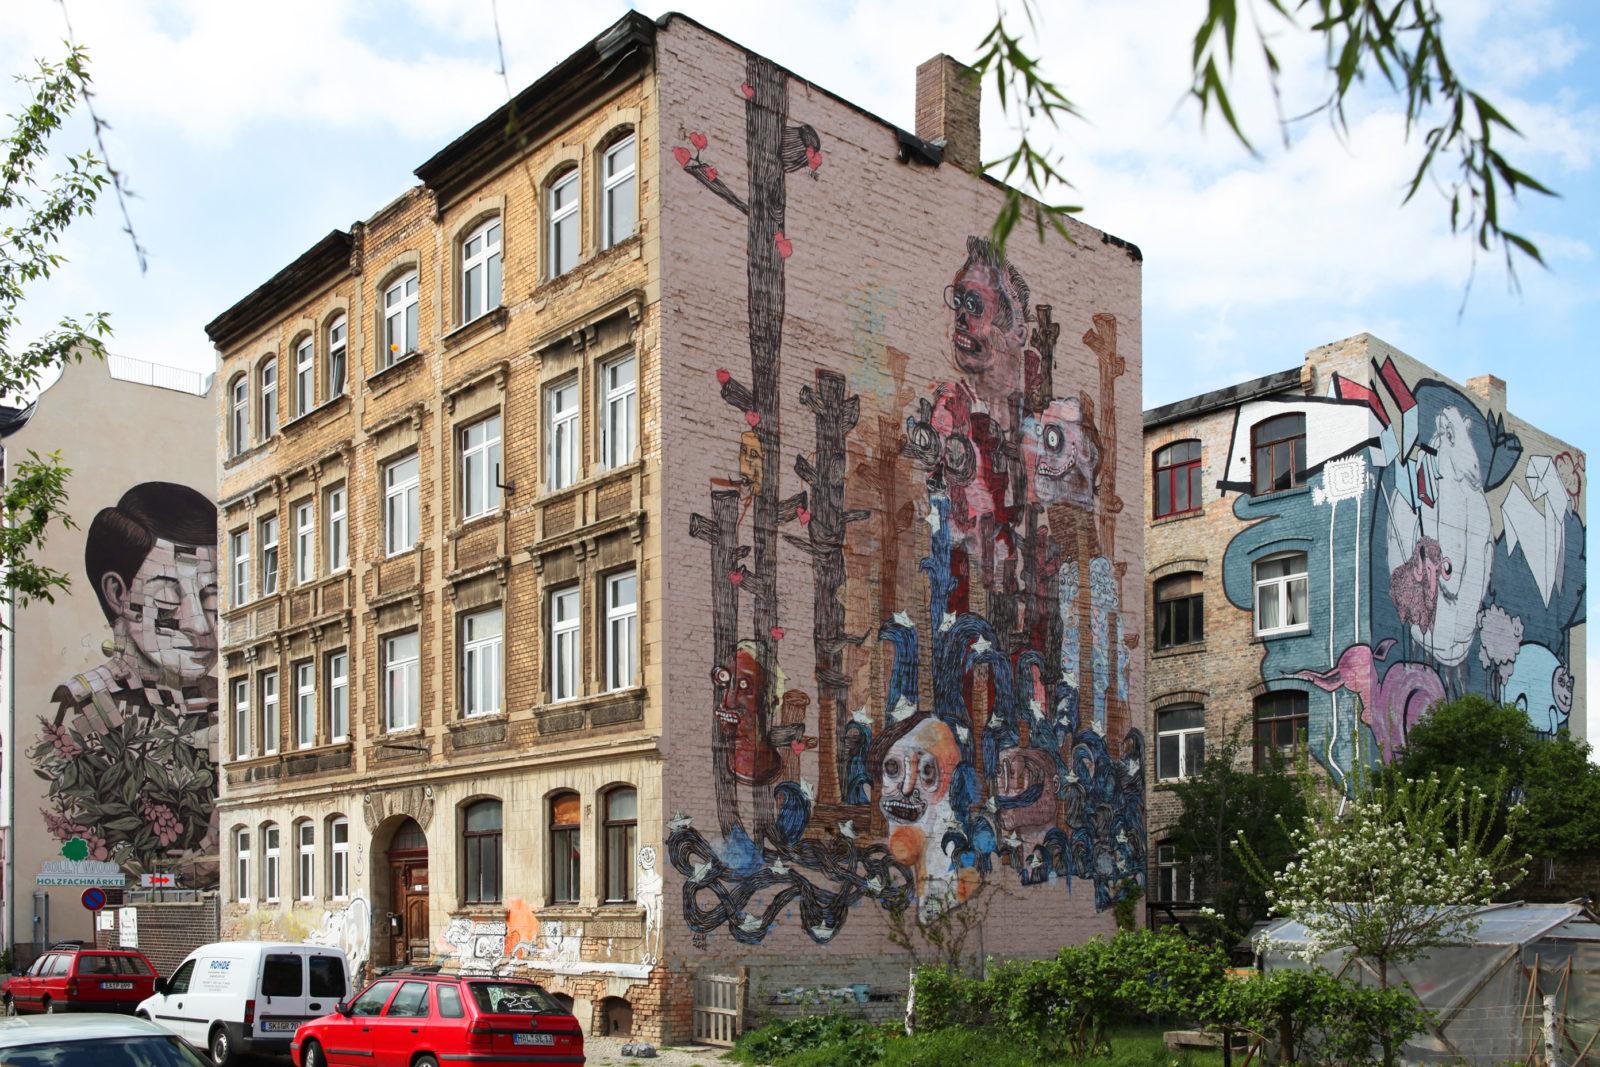 Halle ville allemande streetart murs 1 - Désertée, la ville allemande de Halle reprend vie grâce au street art